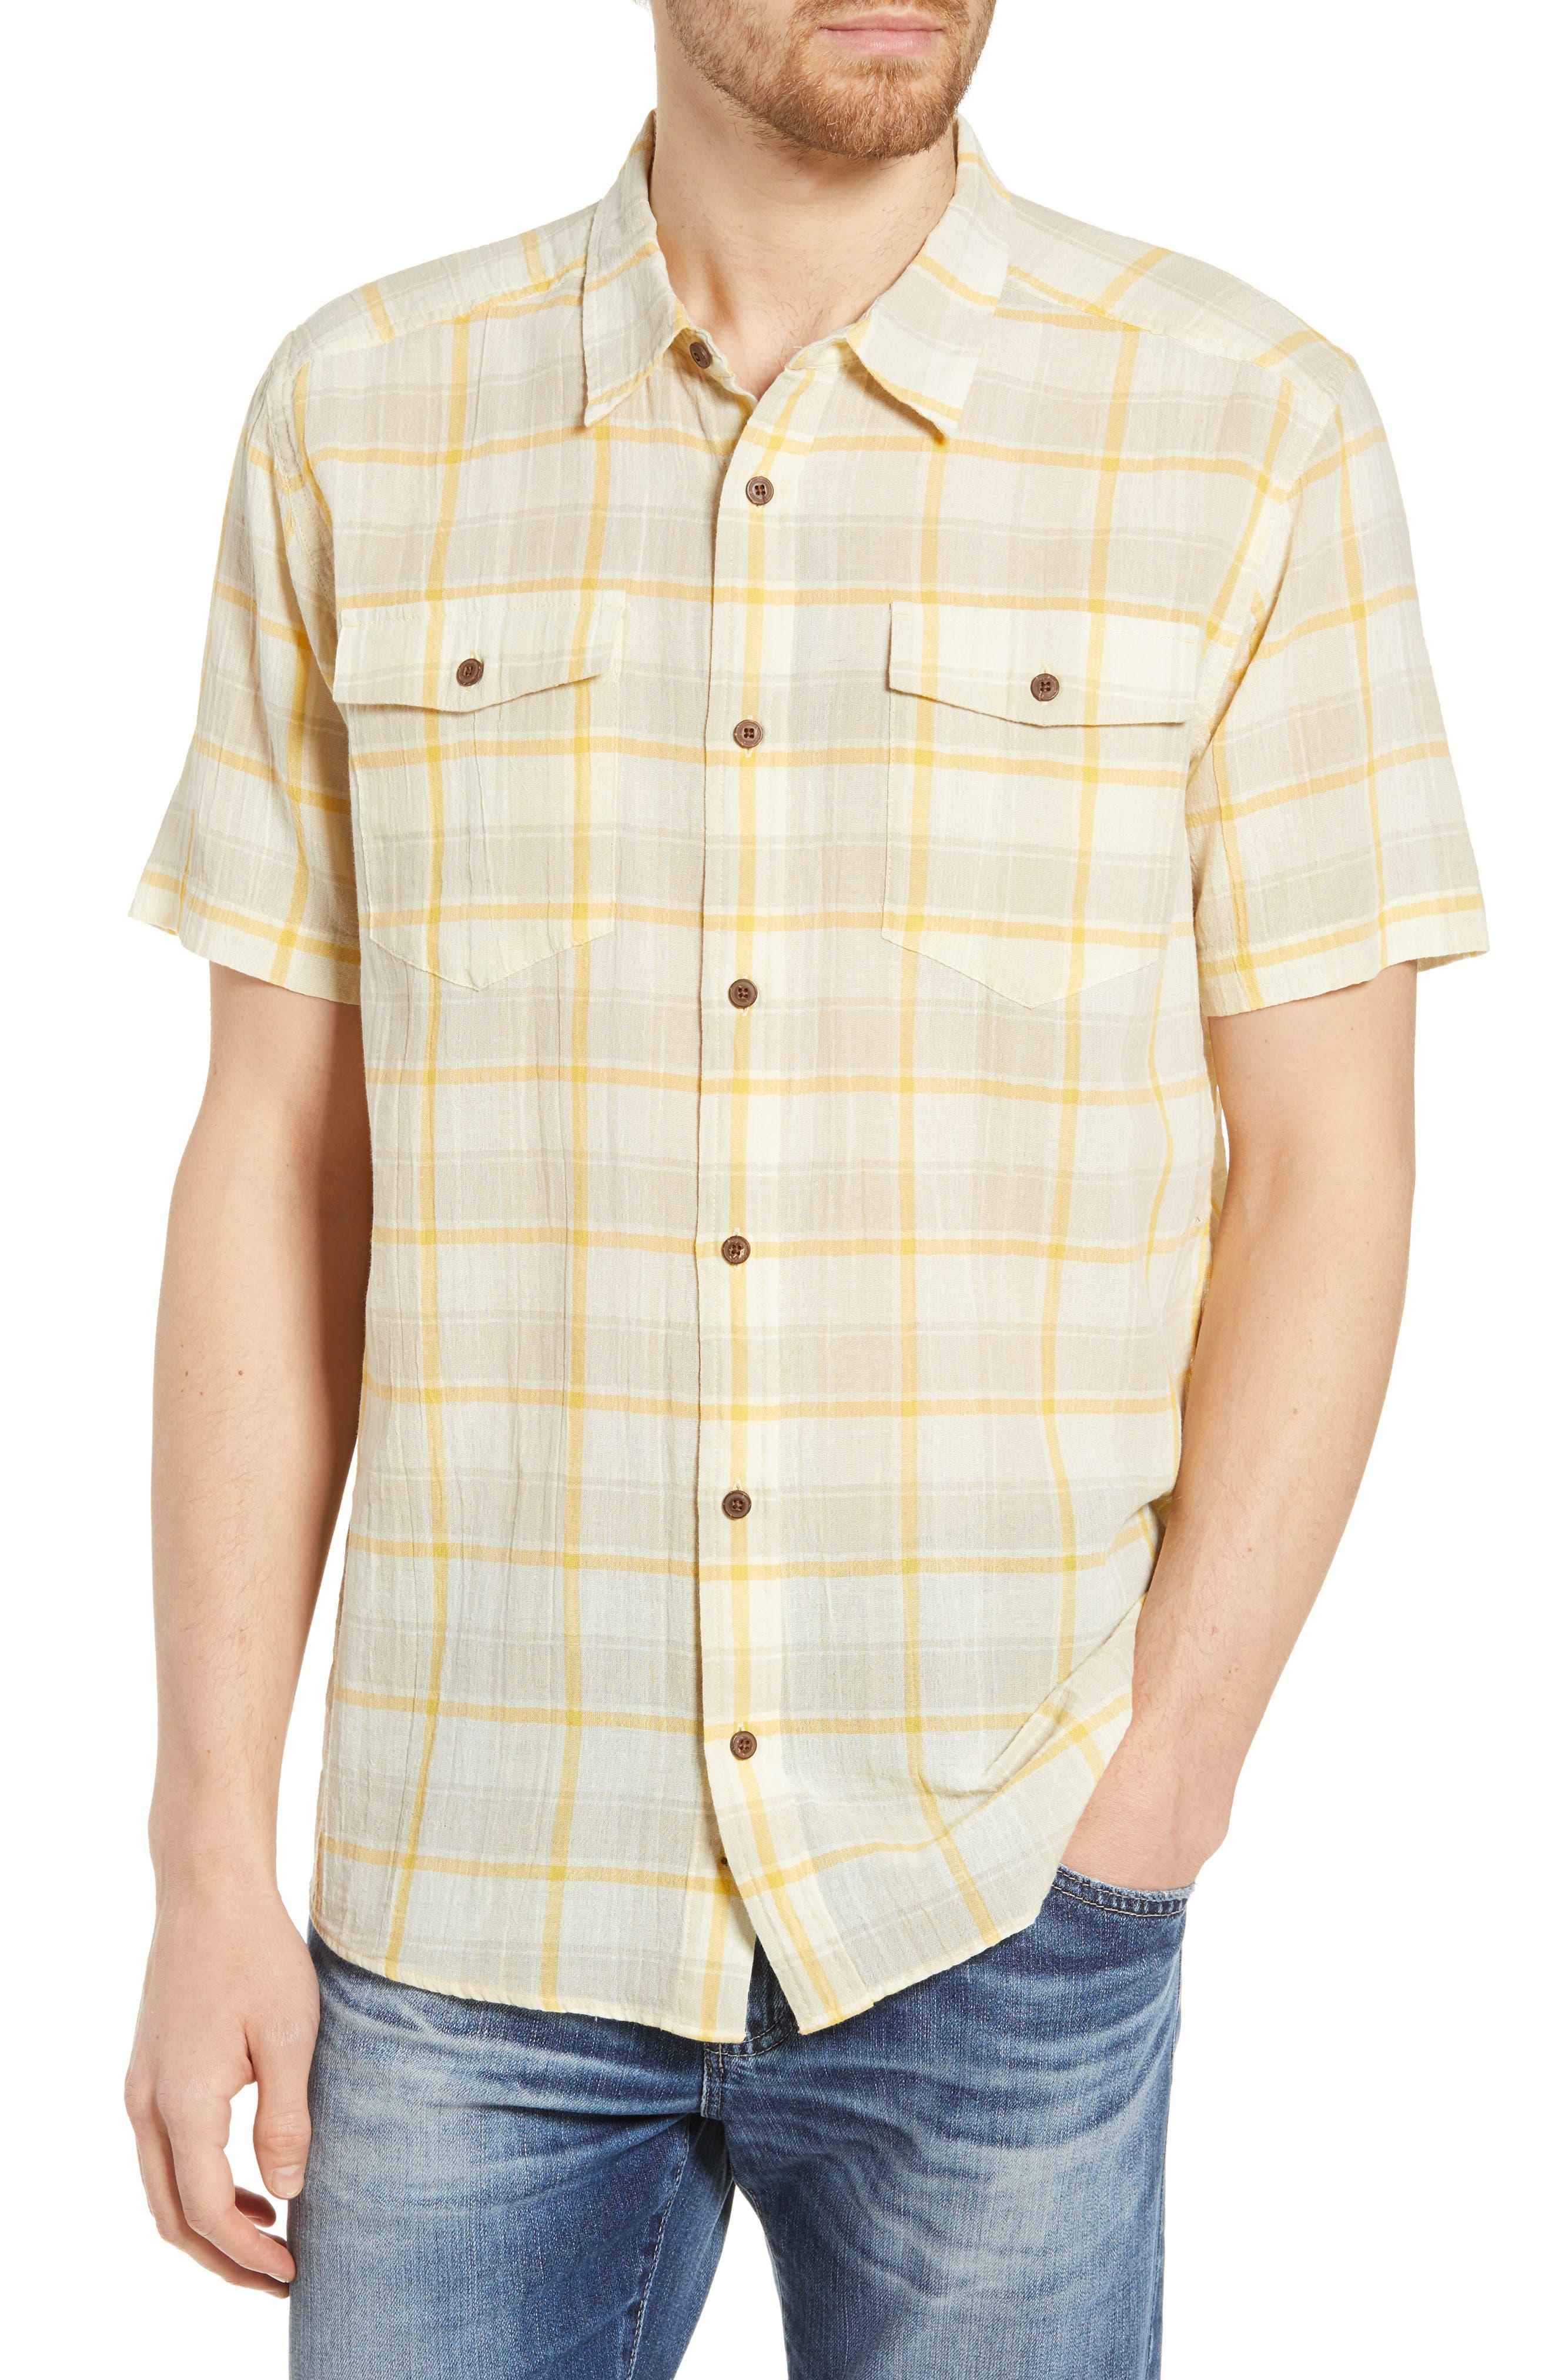 Patagonia Steersman Regular Fit Plaid Shirt, Yellow